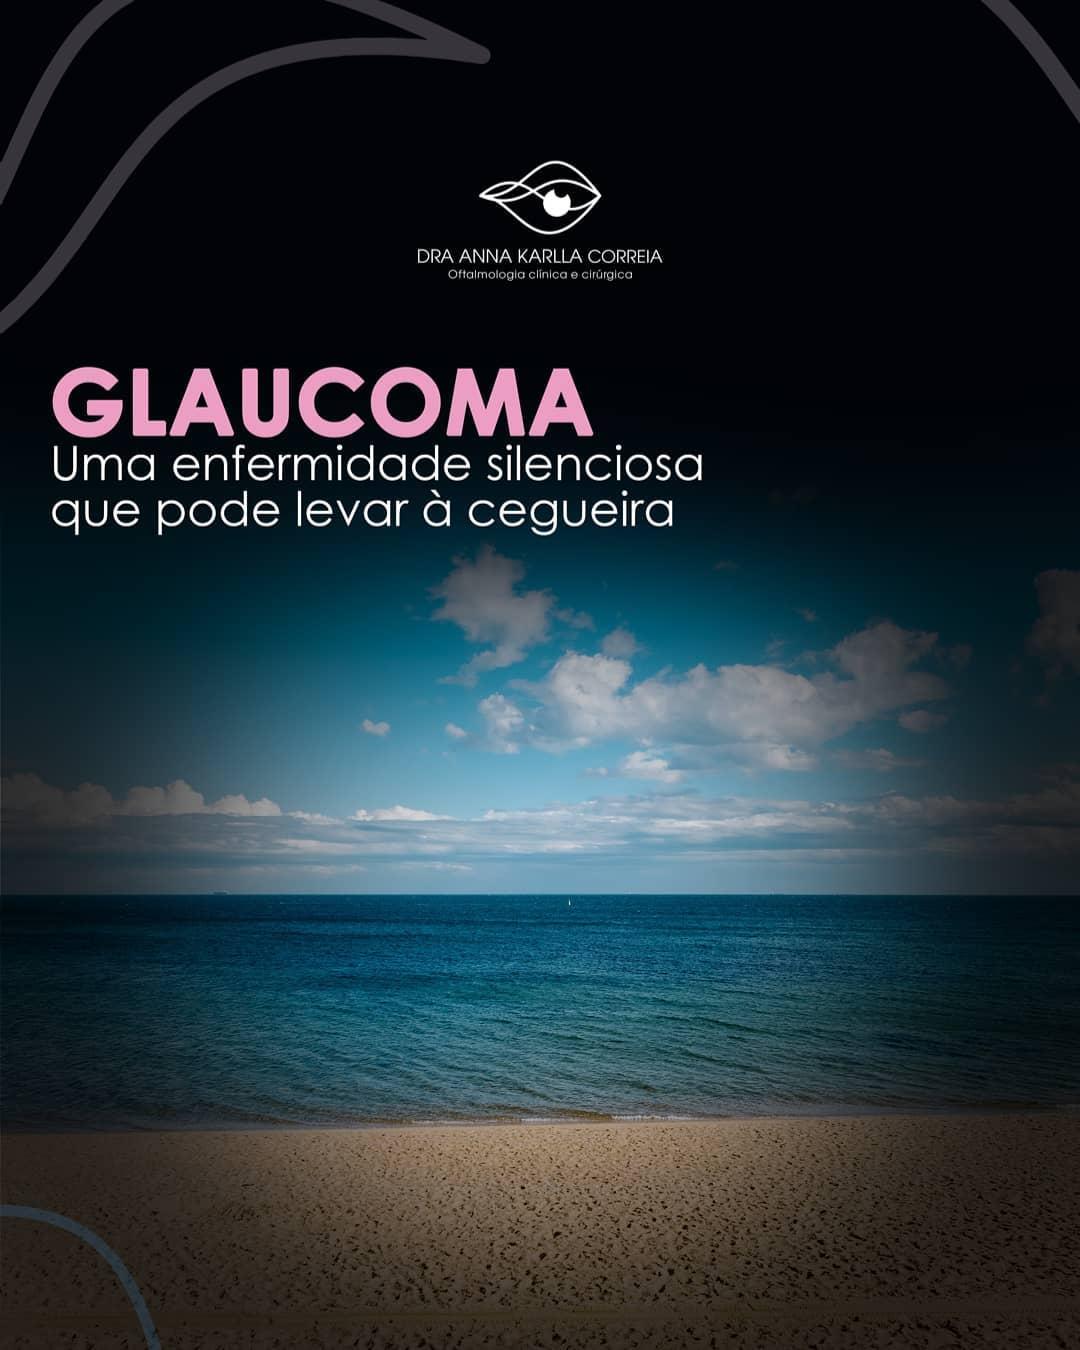 Cuidado glaucoma pode levar a cegueira!